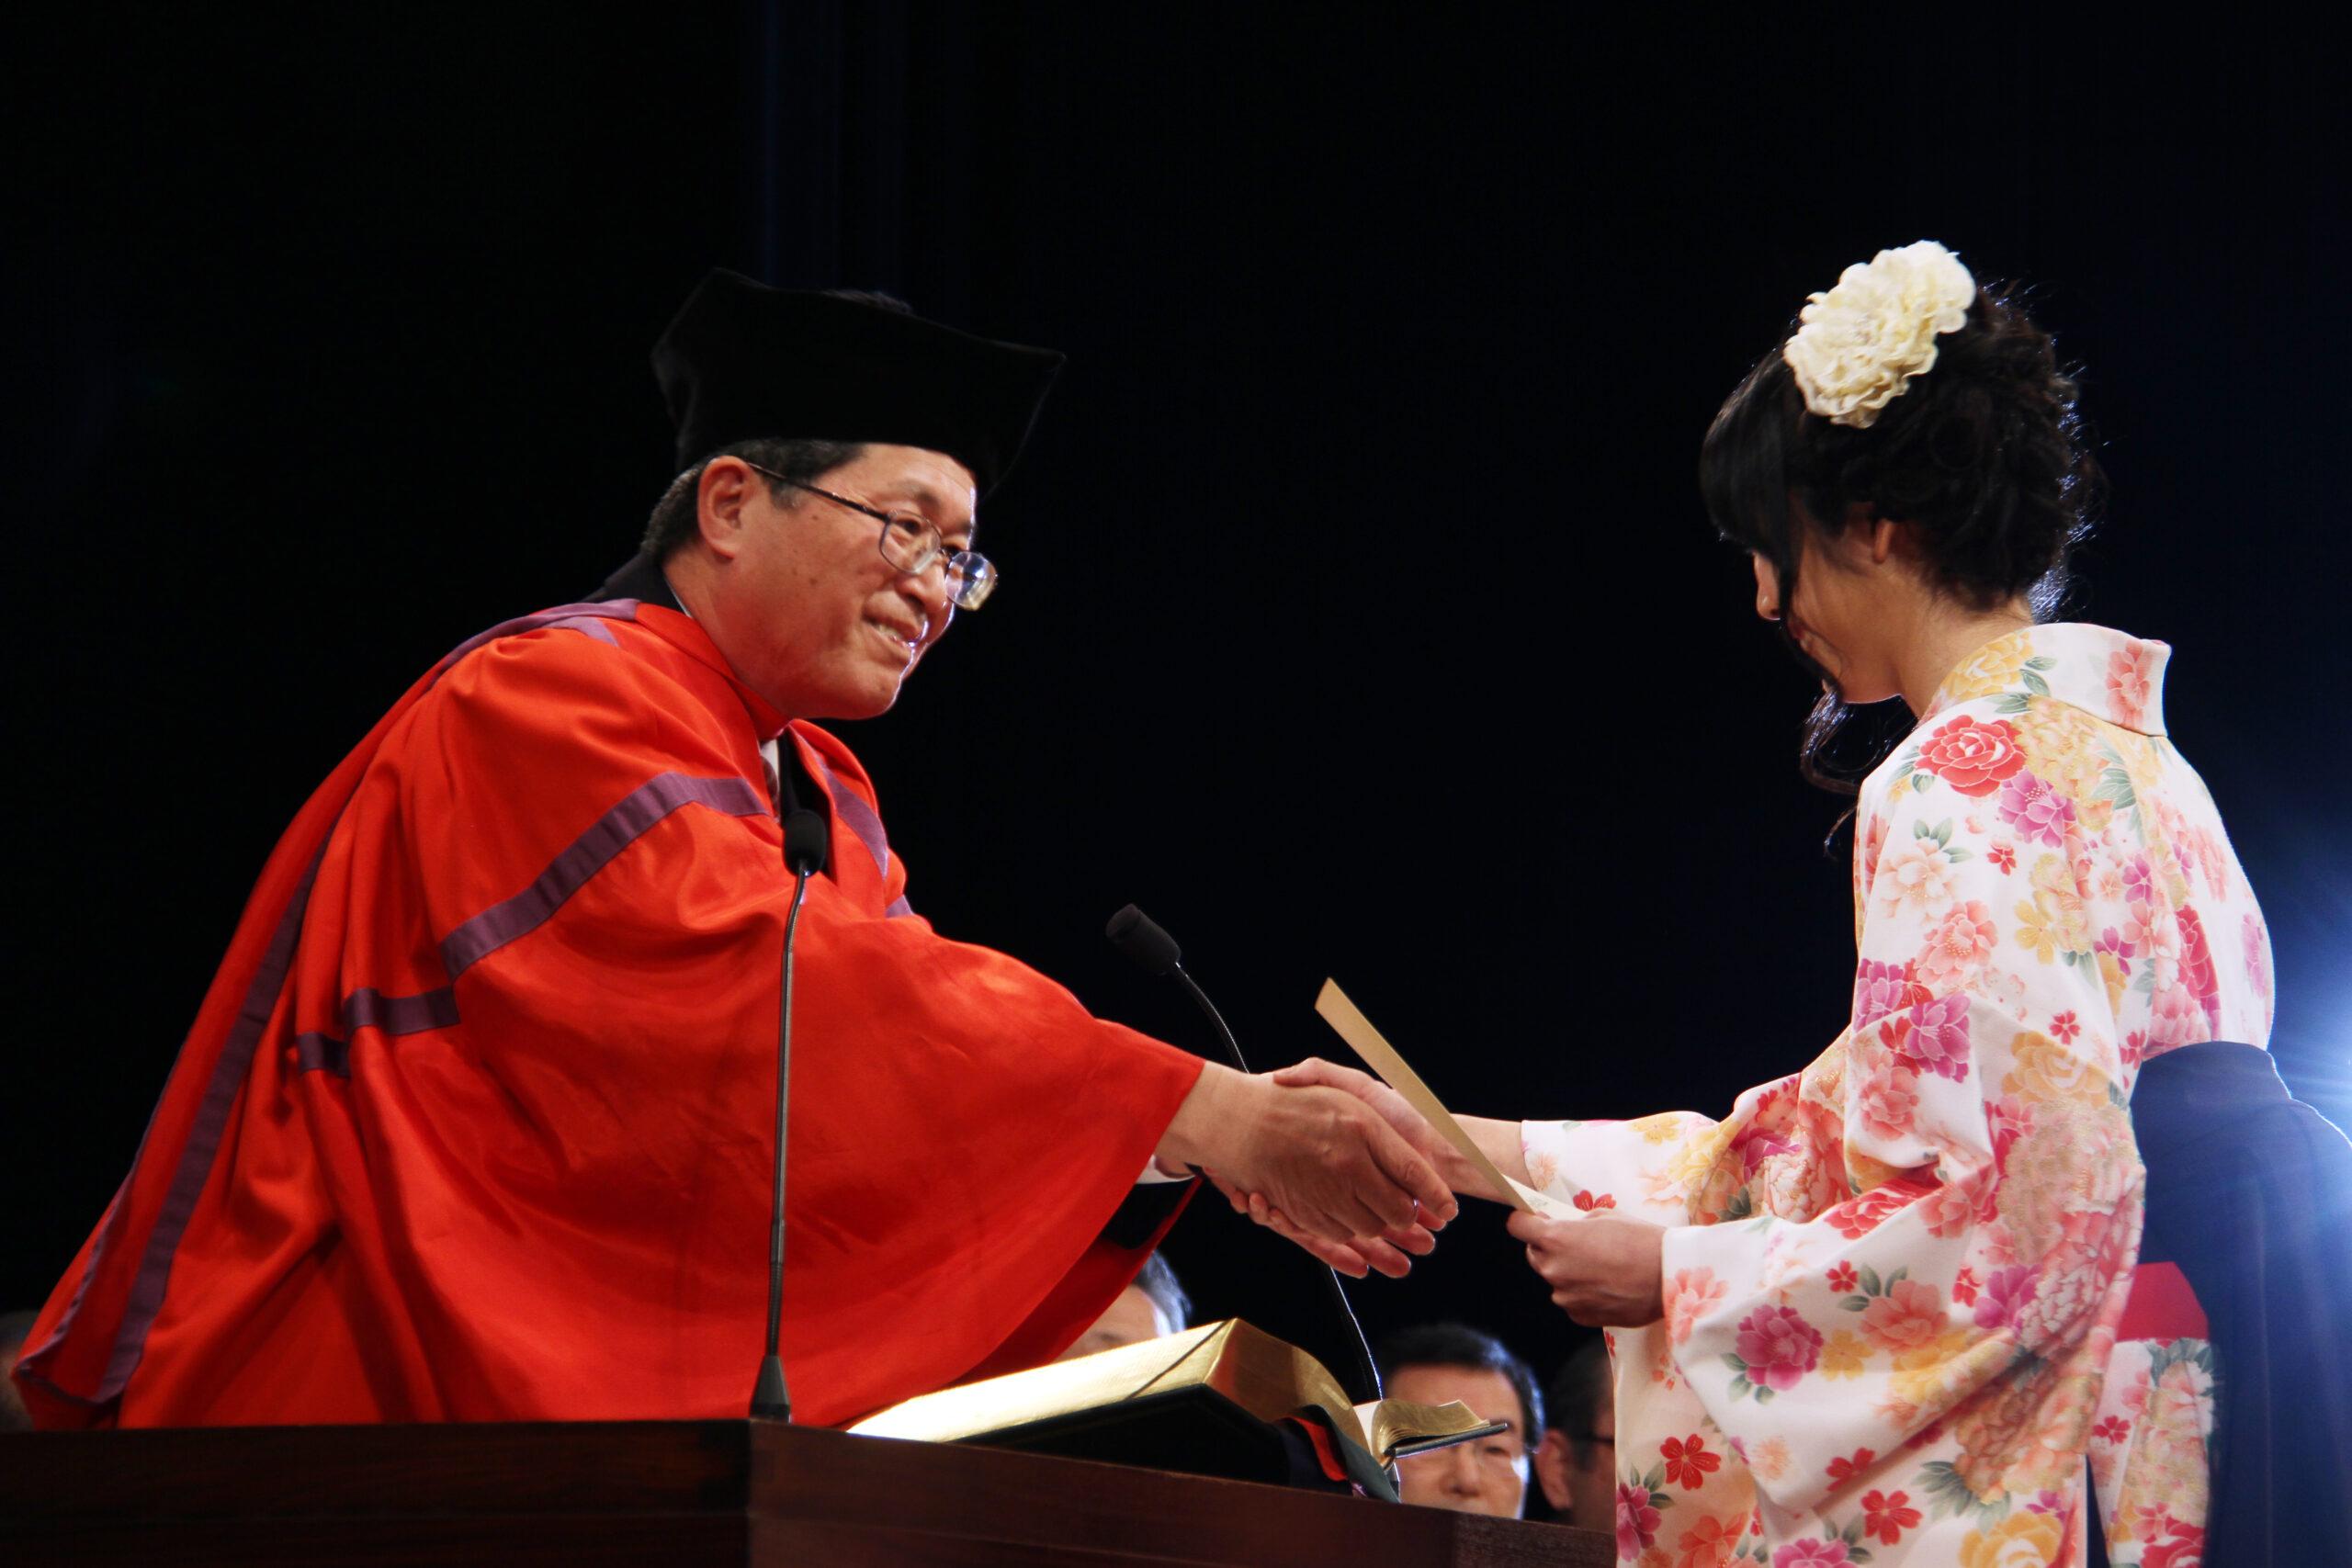 ご卒業おめでとうございます